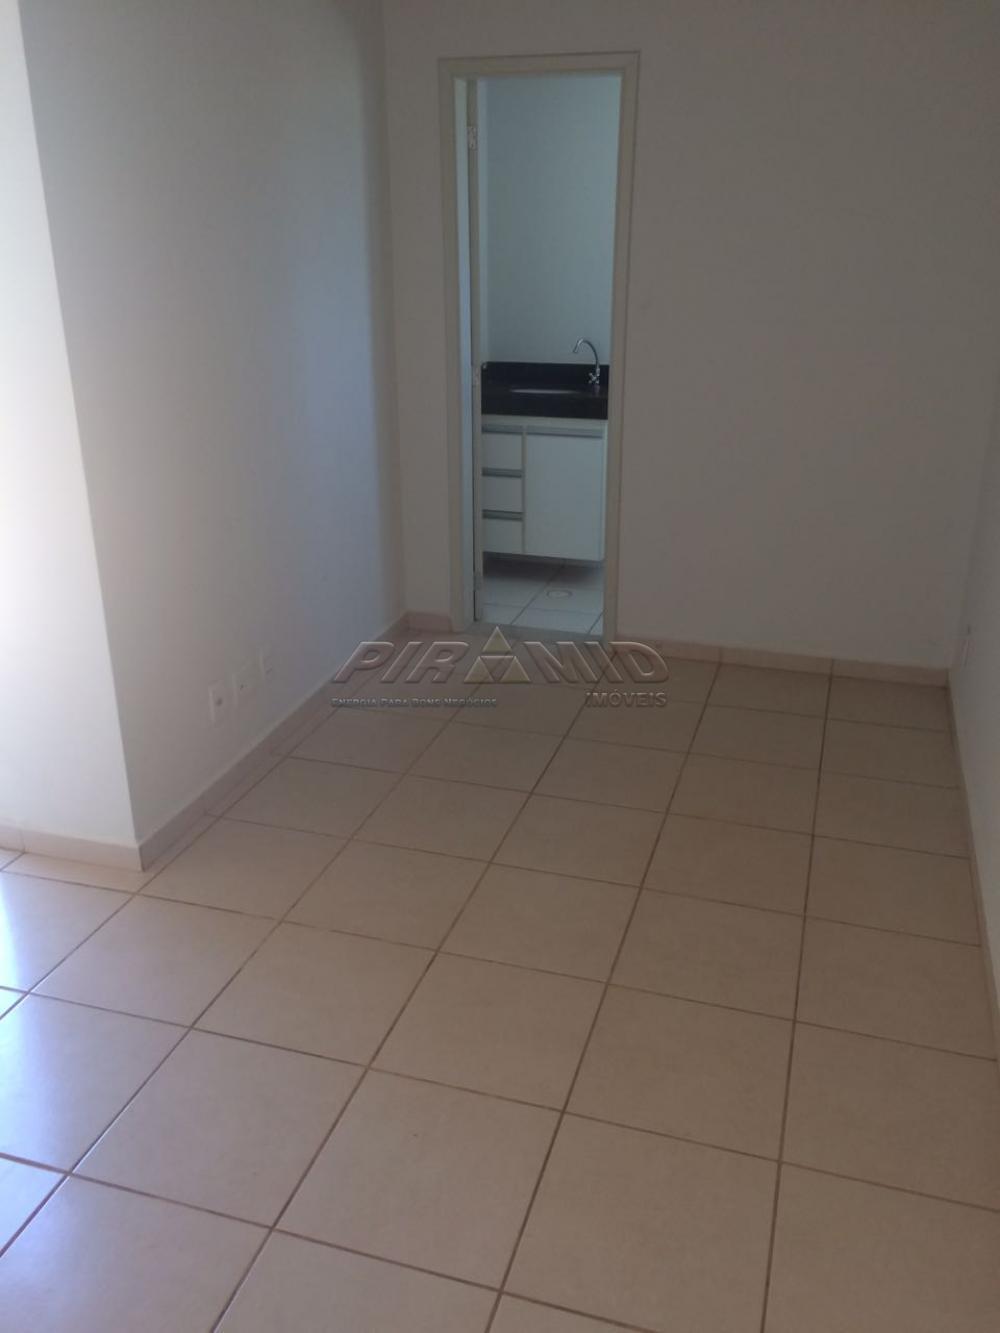 Comprar Apartamento / Cobertura em Ribeirão Preto apenas R$ 265.000,00 - Foto 9